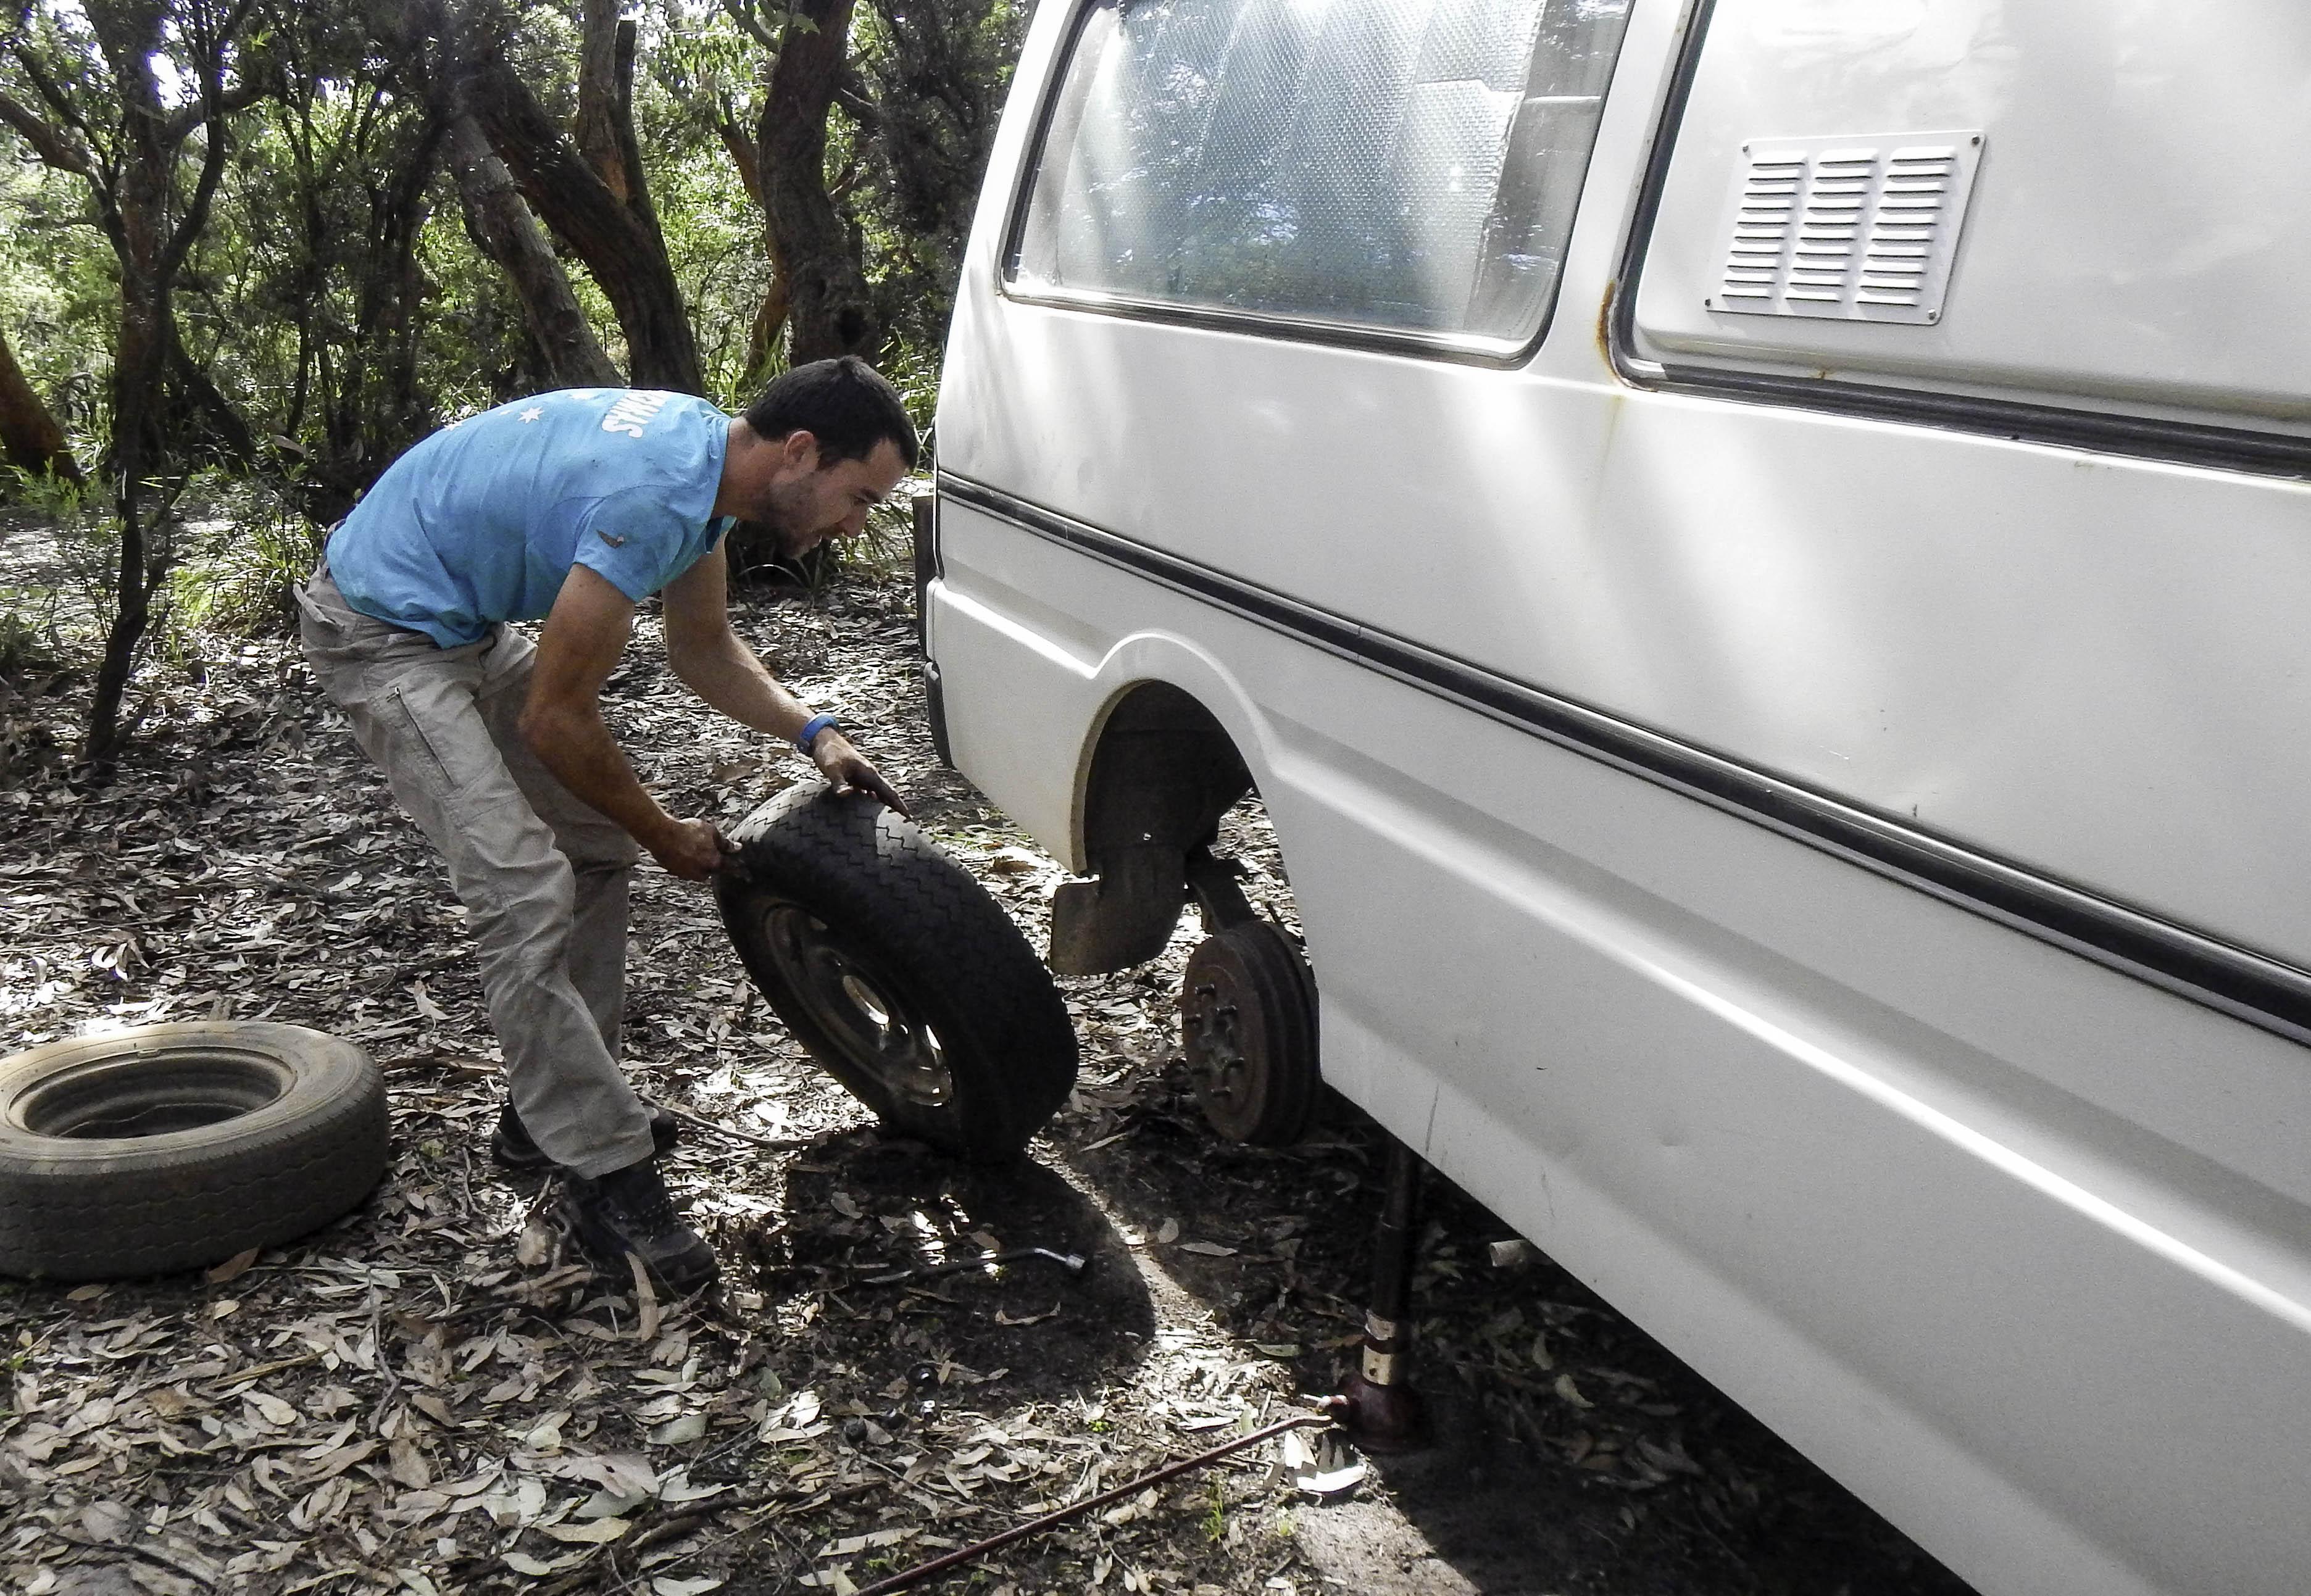 quand il faut changer un pneu, il faut du matériel